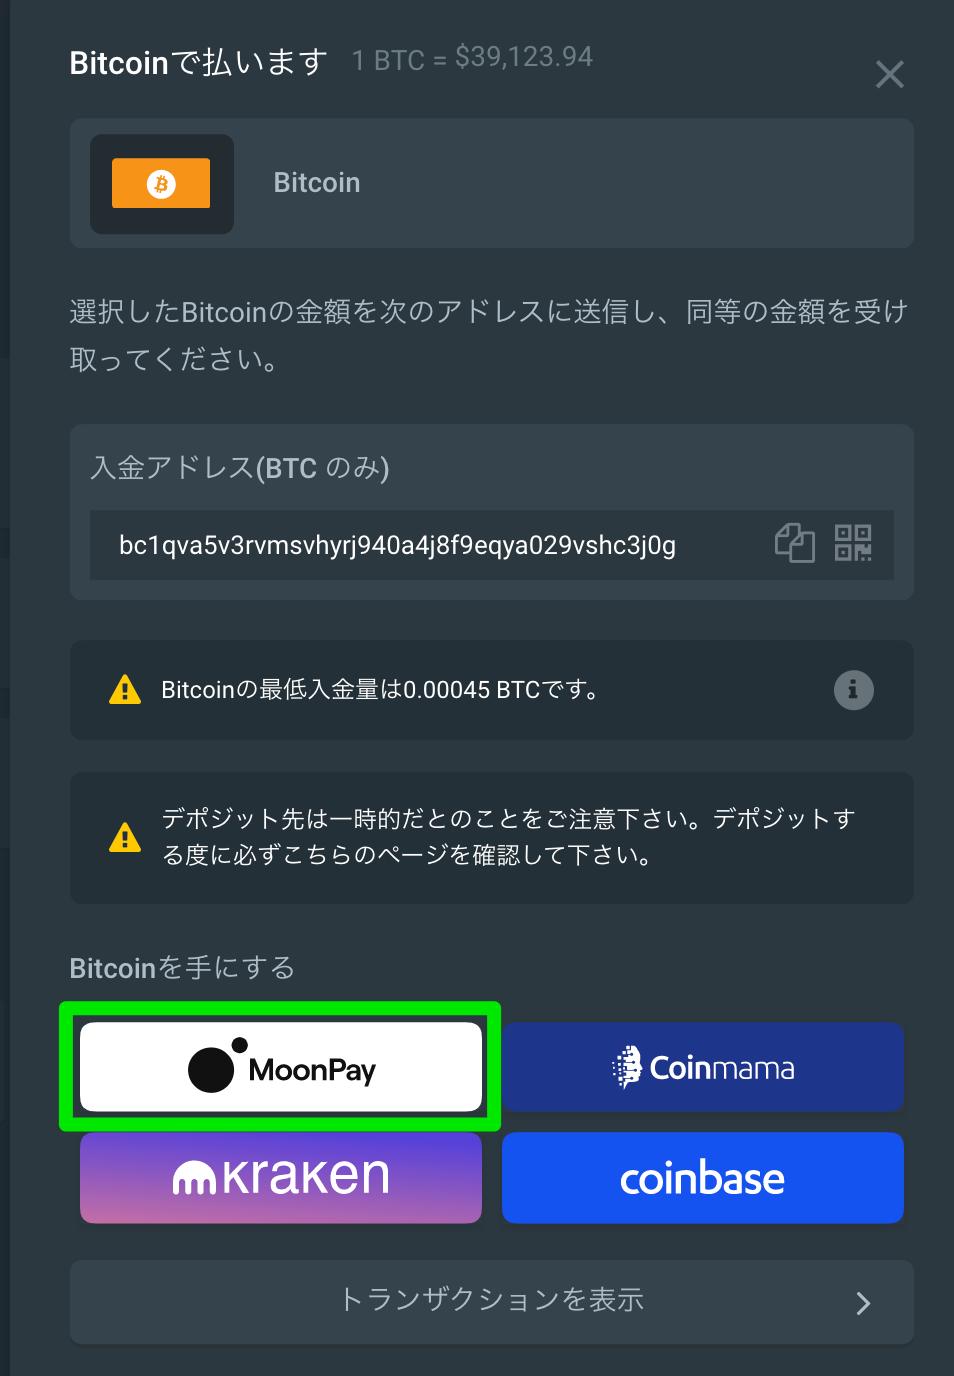 ガンダムカジノ moon pay